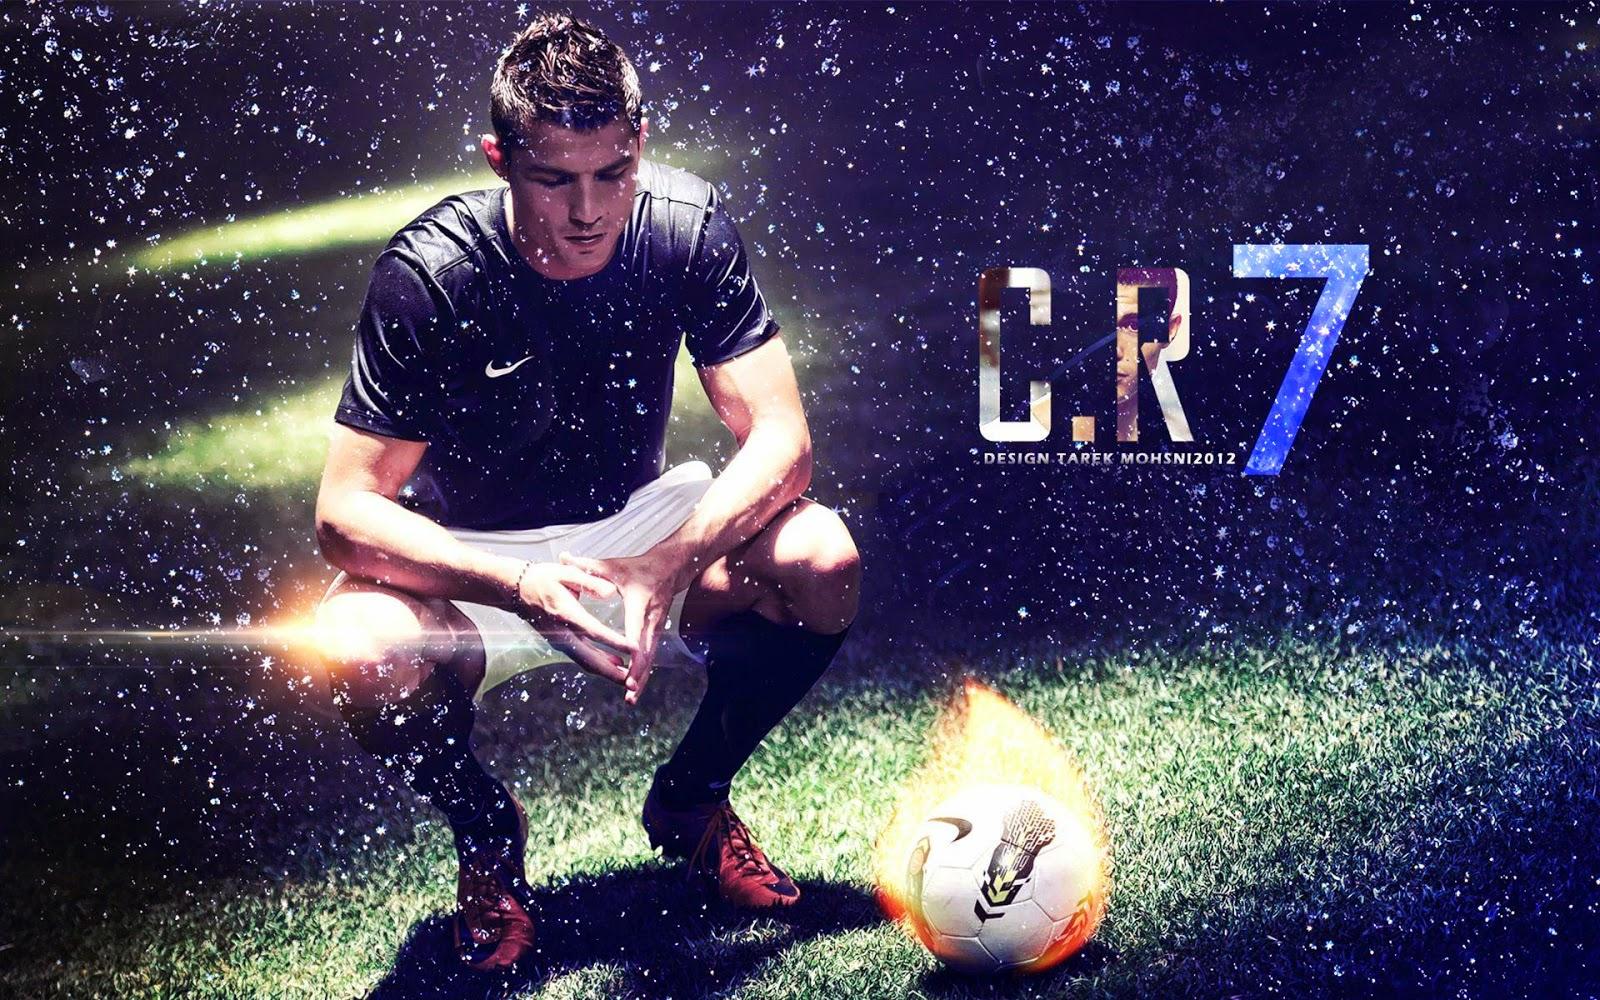 Cristiano Ronaldo Footballer Wallpapers